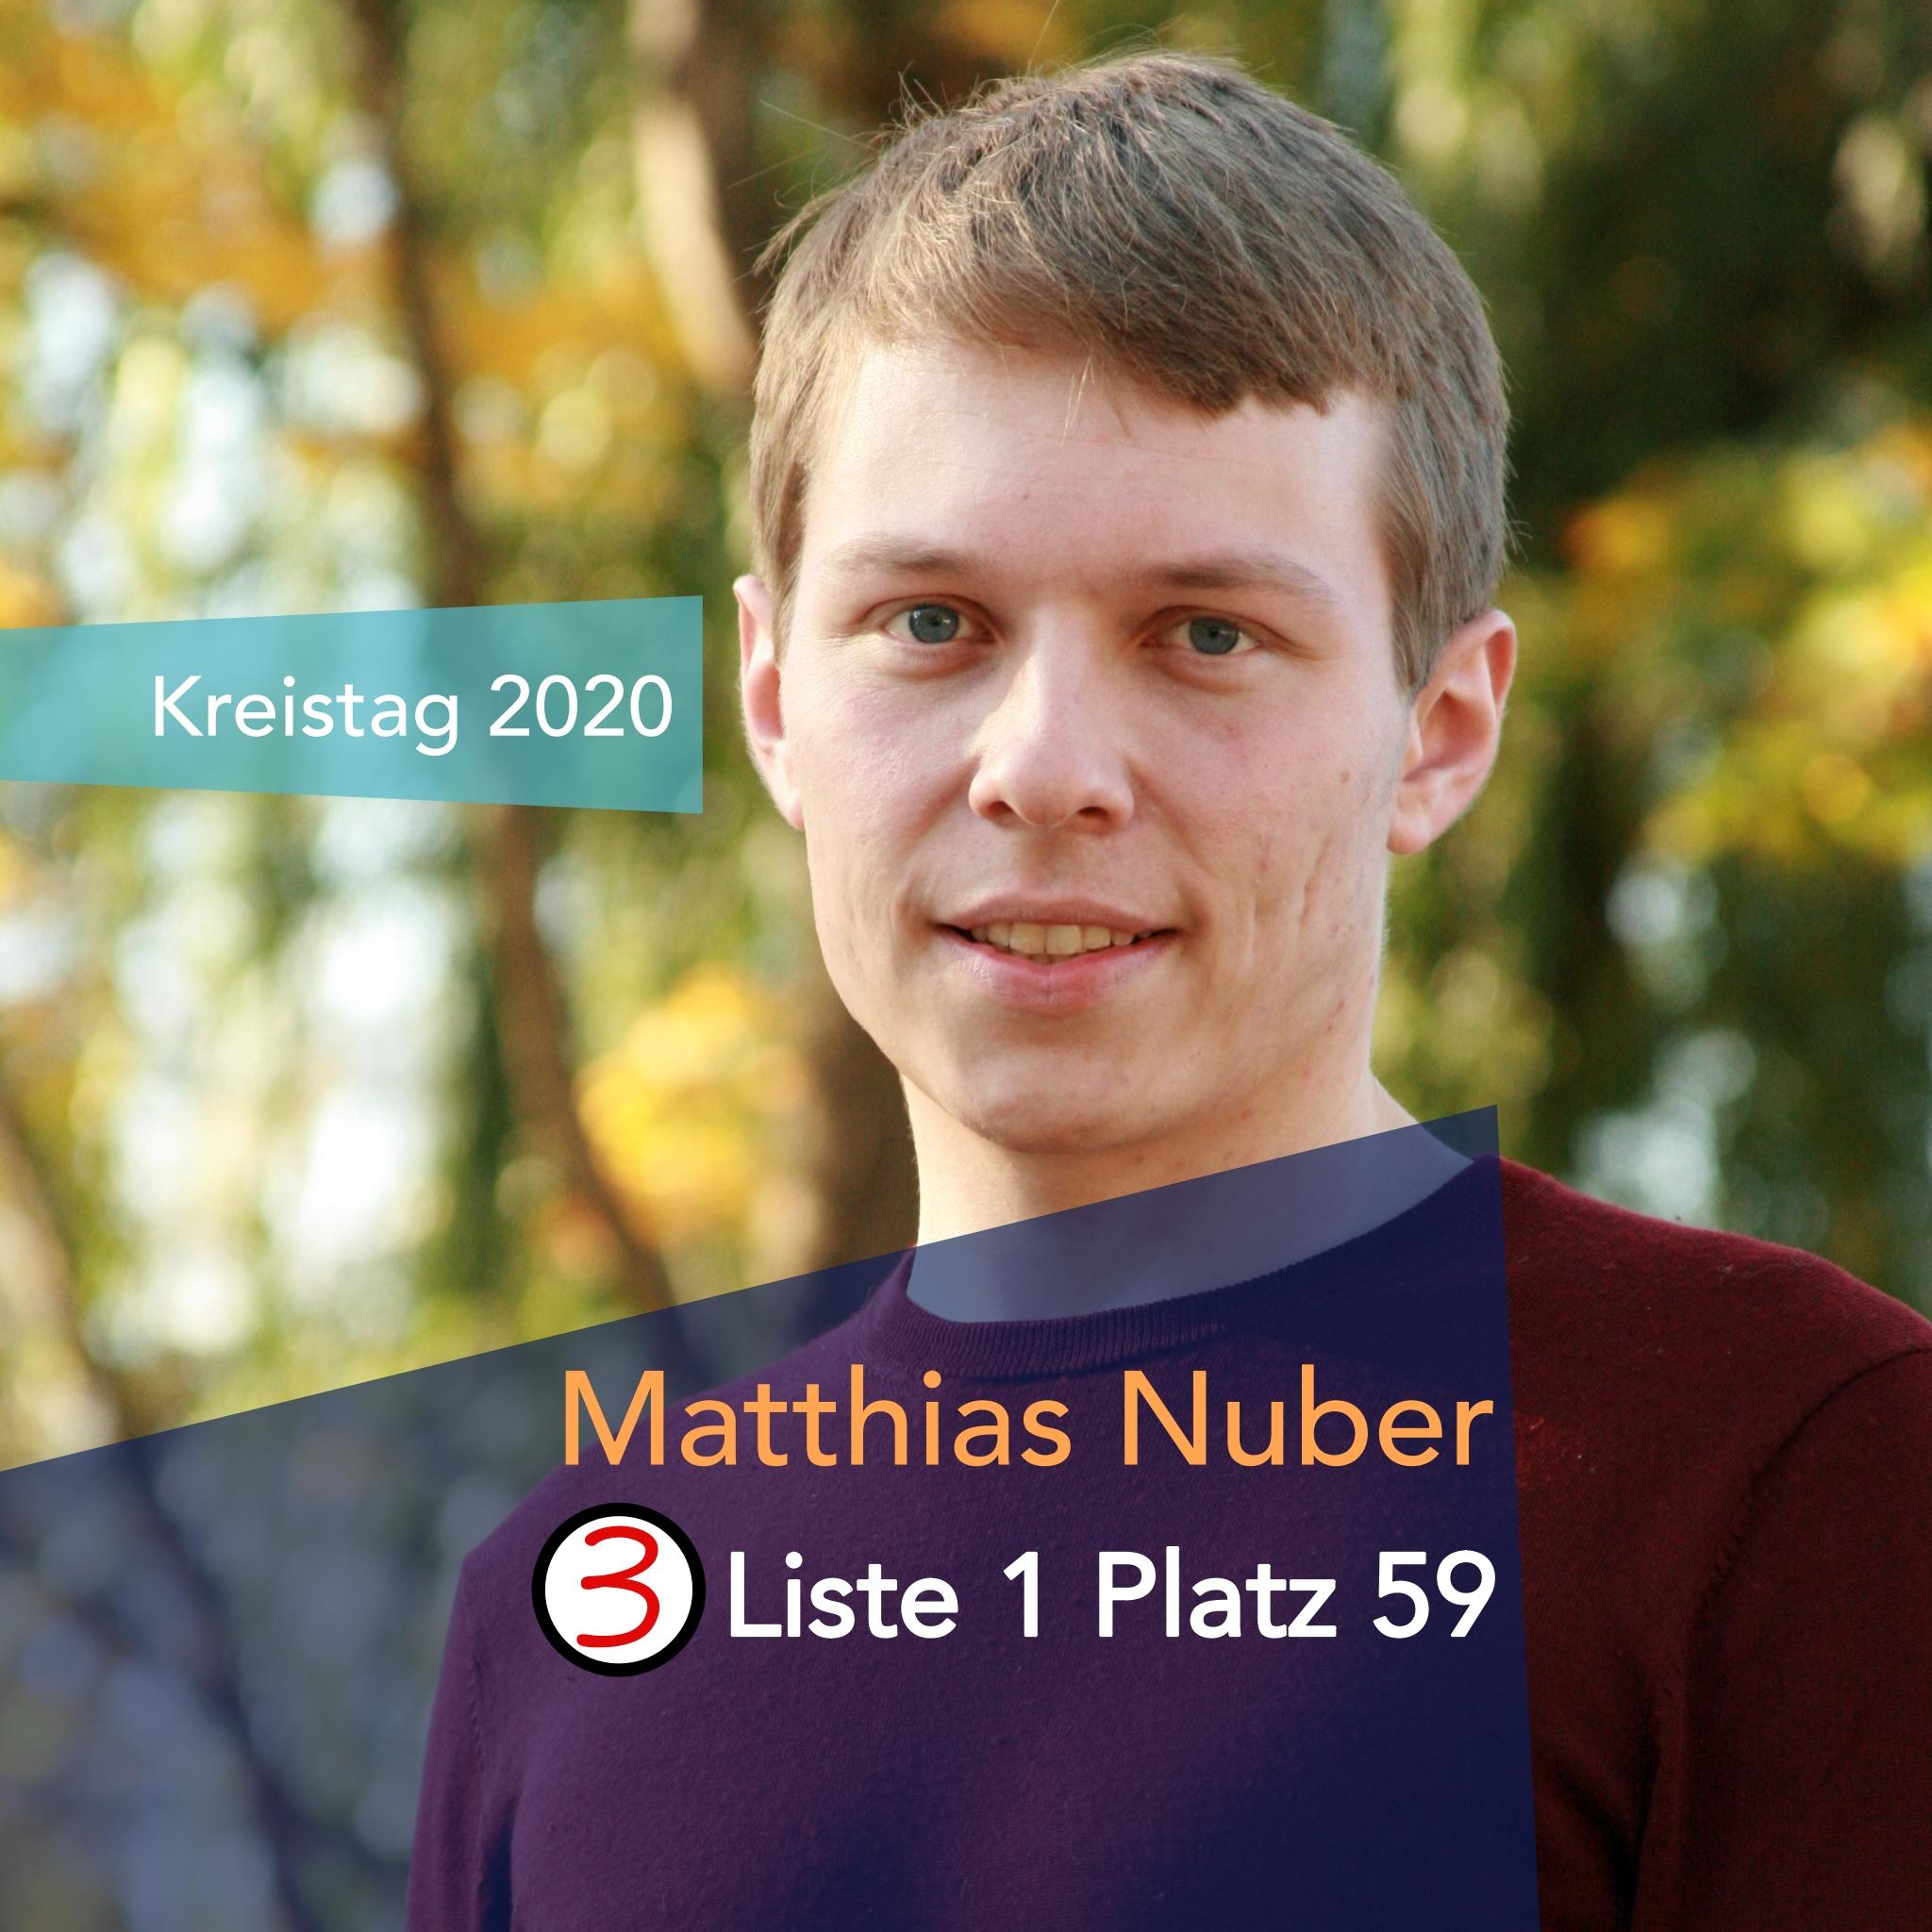 Matthias Nuber